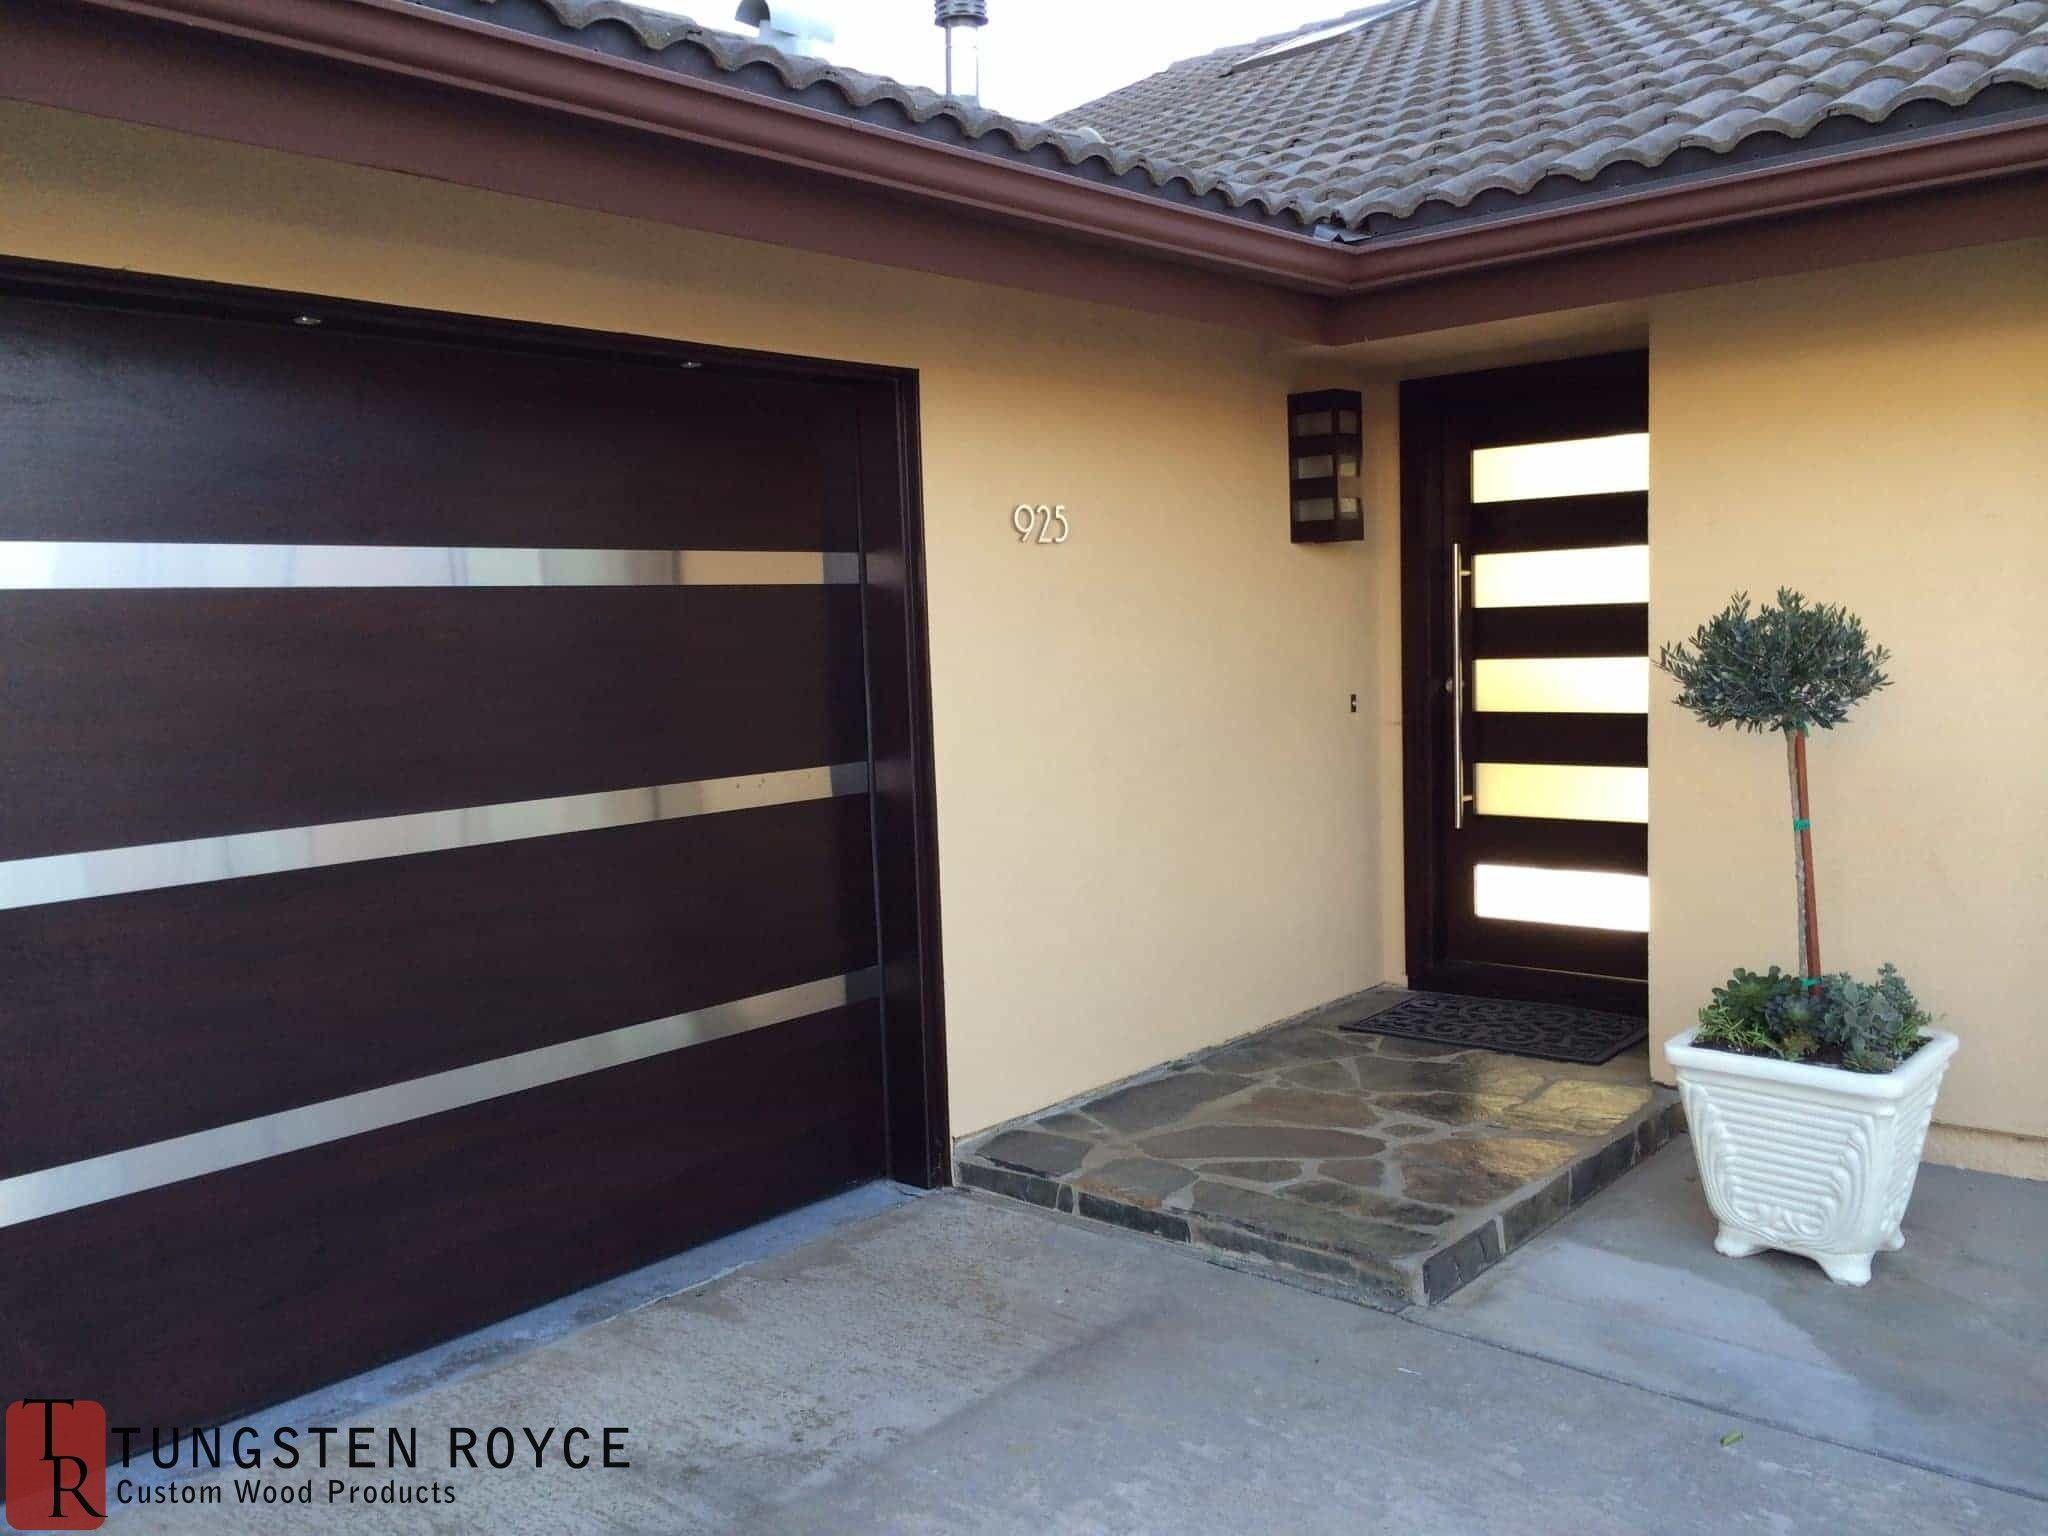 Modern Garage Doors in   Garage Door  Pinterest  Garage doors